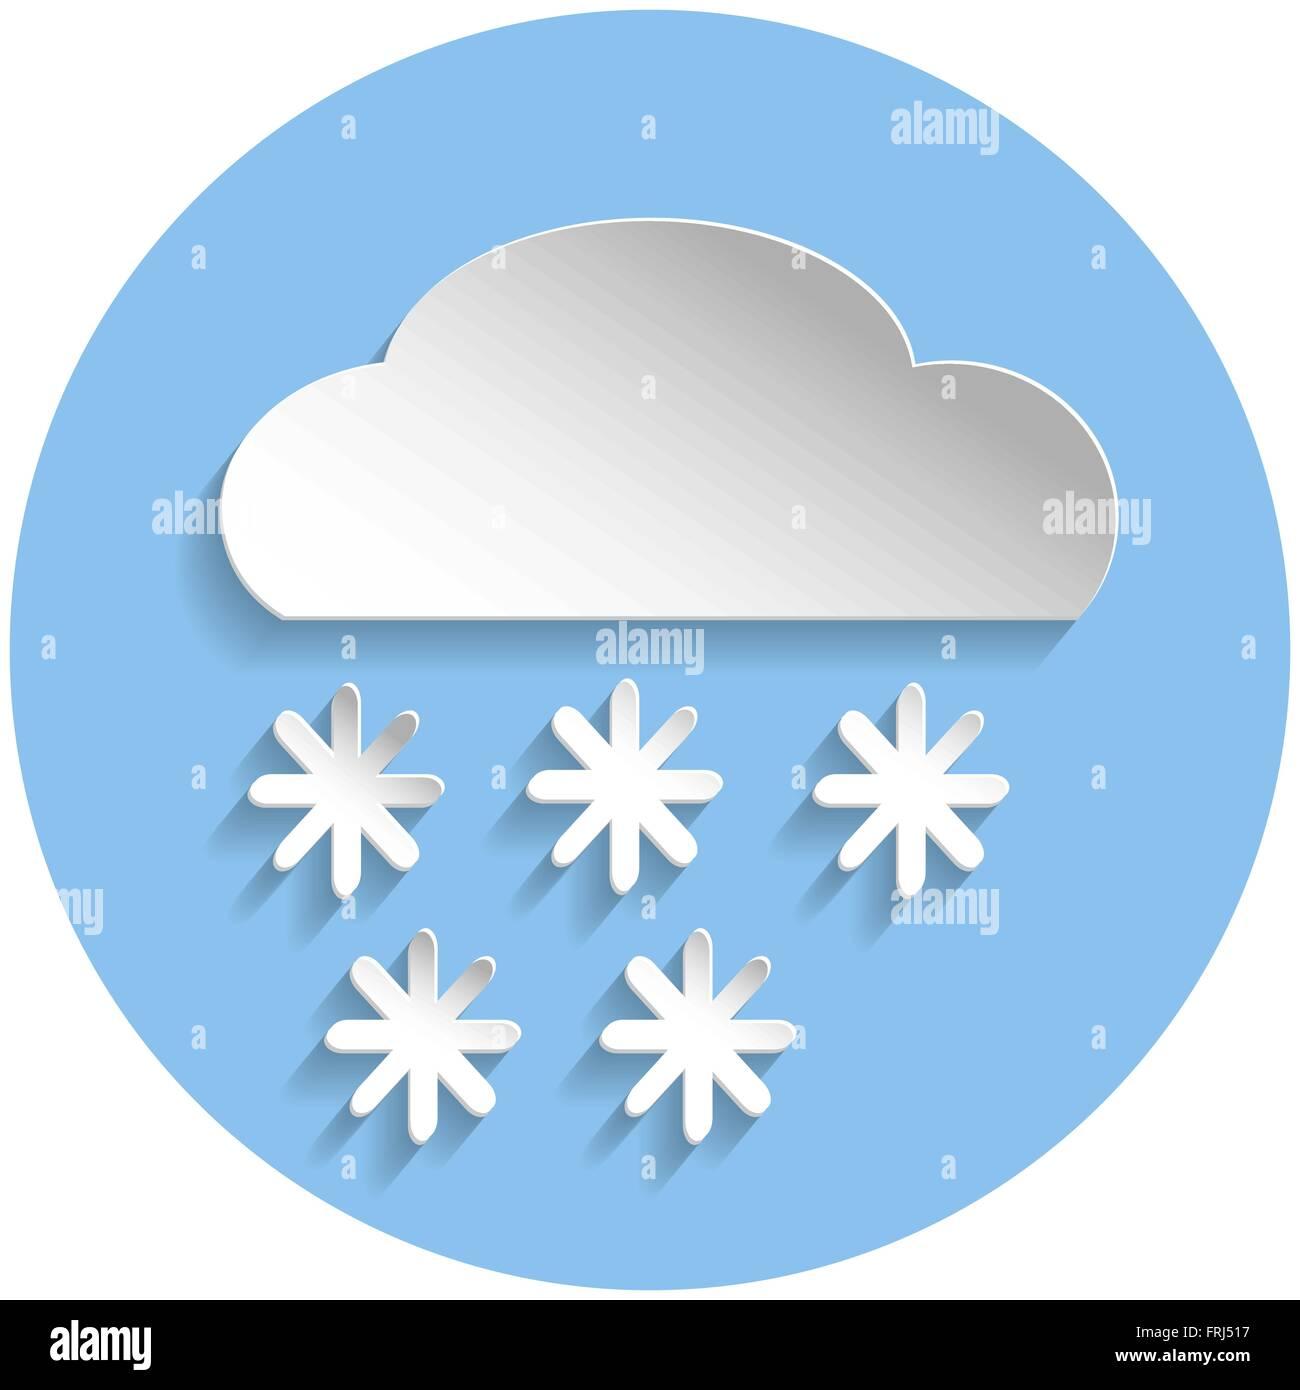 Il simbolo del fiocco di neve icona a forma di nuvola in stile carta blu su sfondo rotonda Immagini Stock